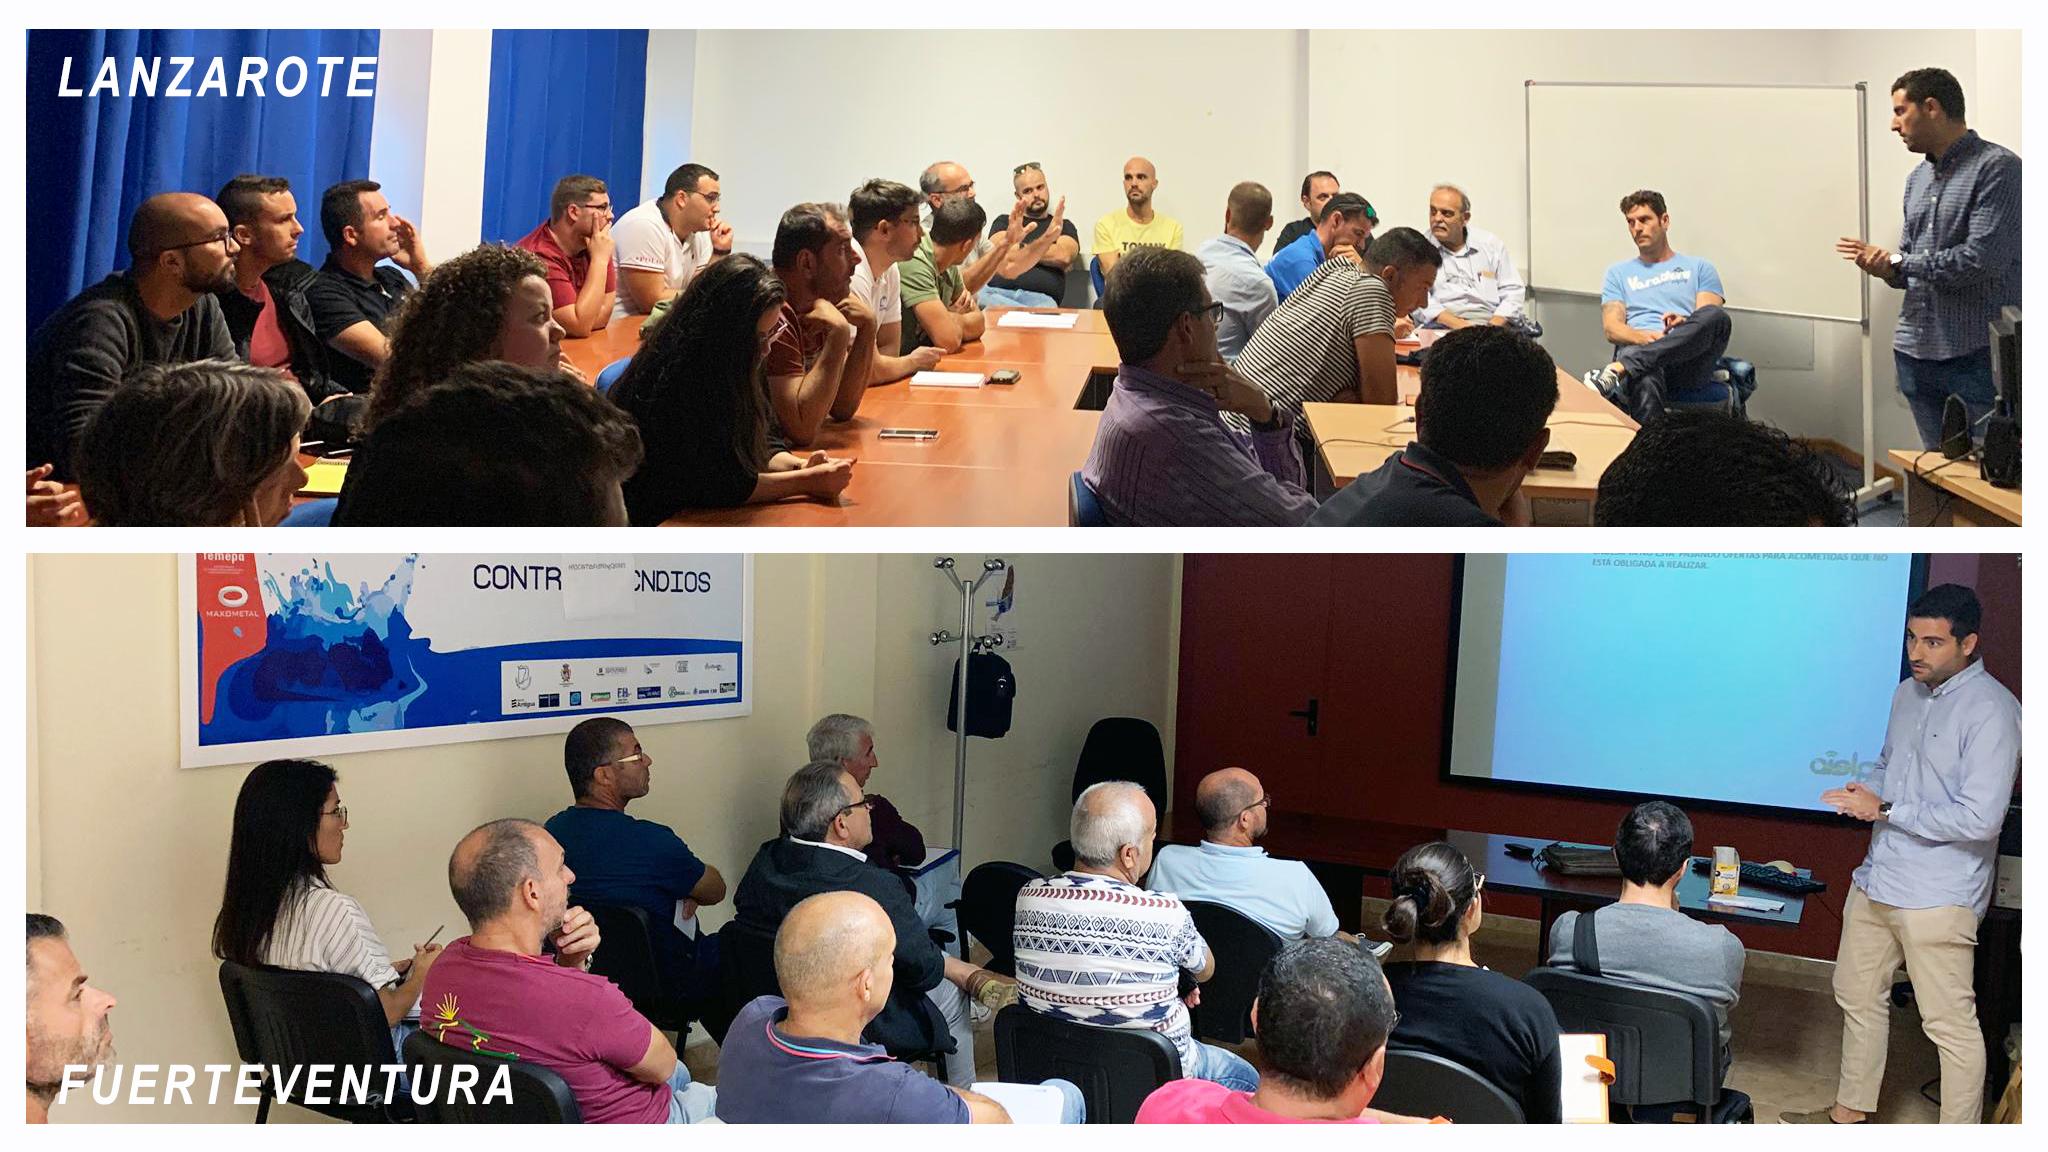 Éxito de participación en las jornadas de Aielpa en Lanzarote y Fuerteventura